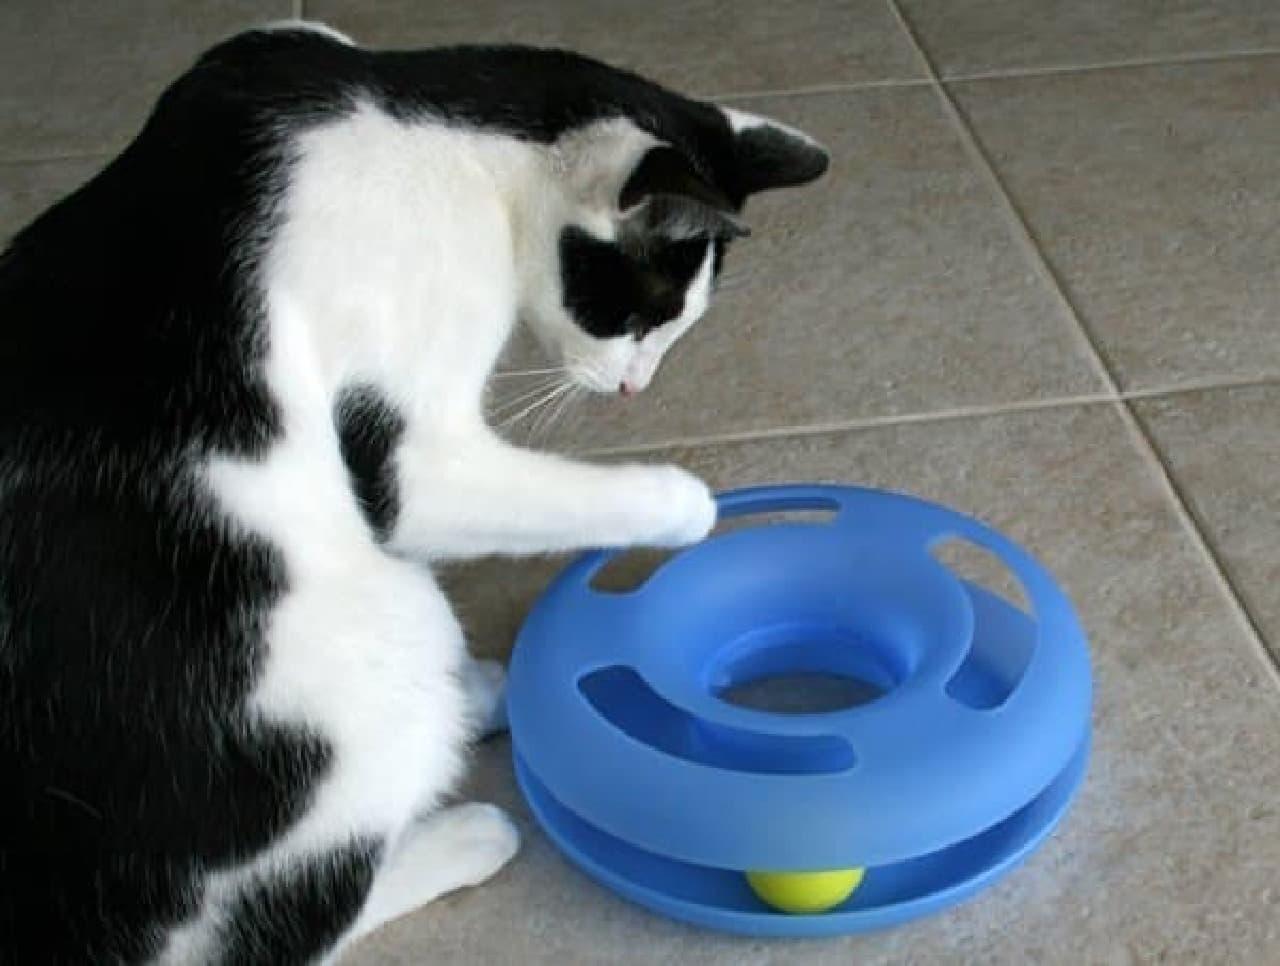 参考画像:米国で人気のネコのおもちゃ「クレージーサークル」